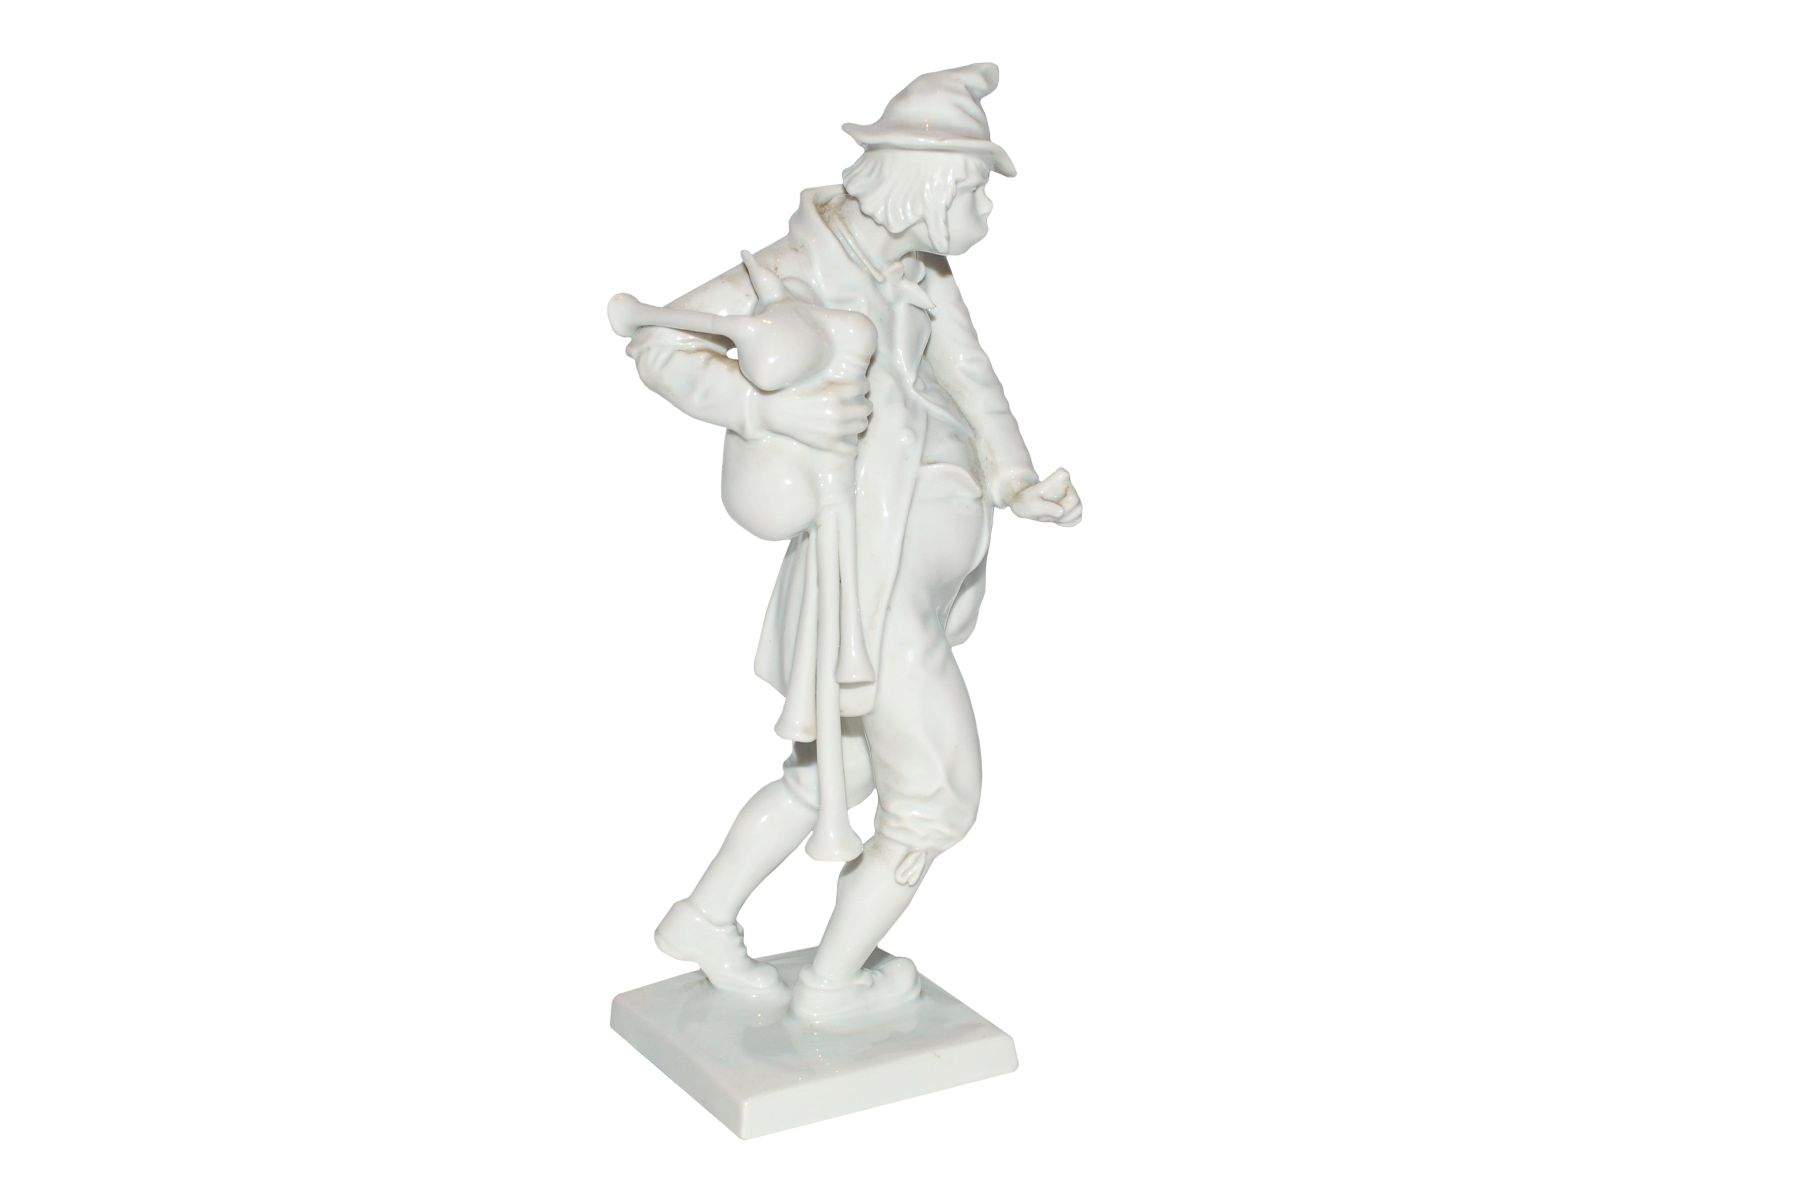 """Figur """"Lieber Augustin"""" Augarten - Bild 2 aus 4"""